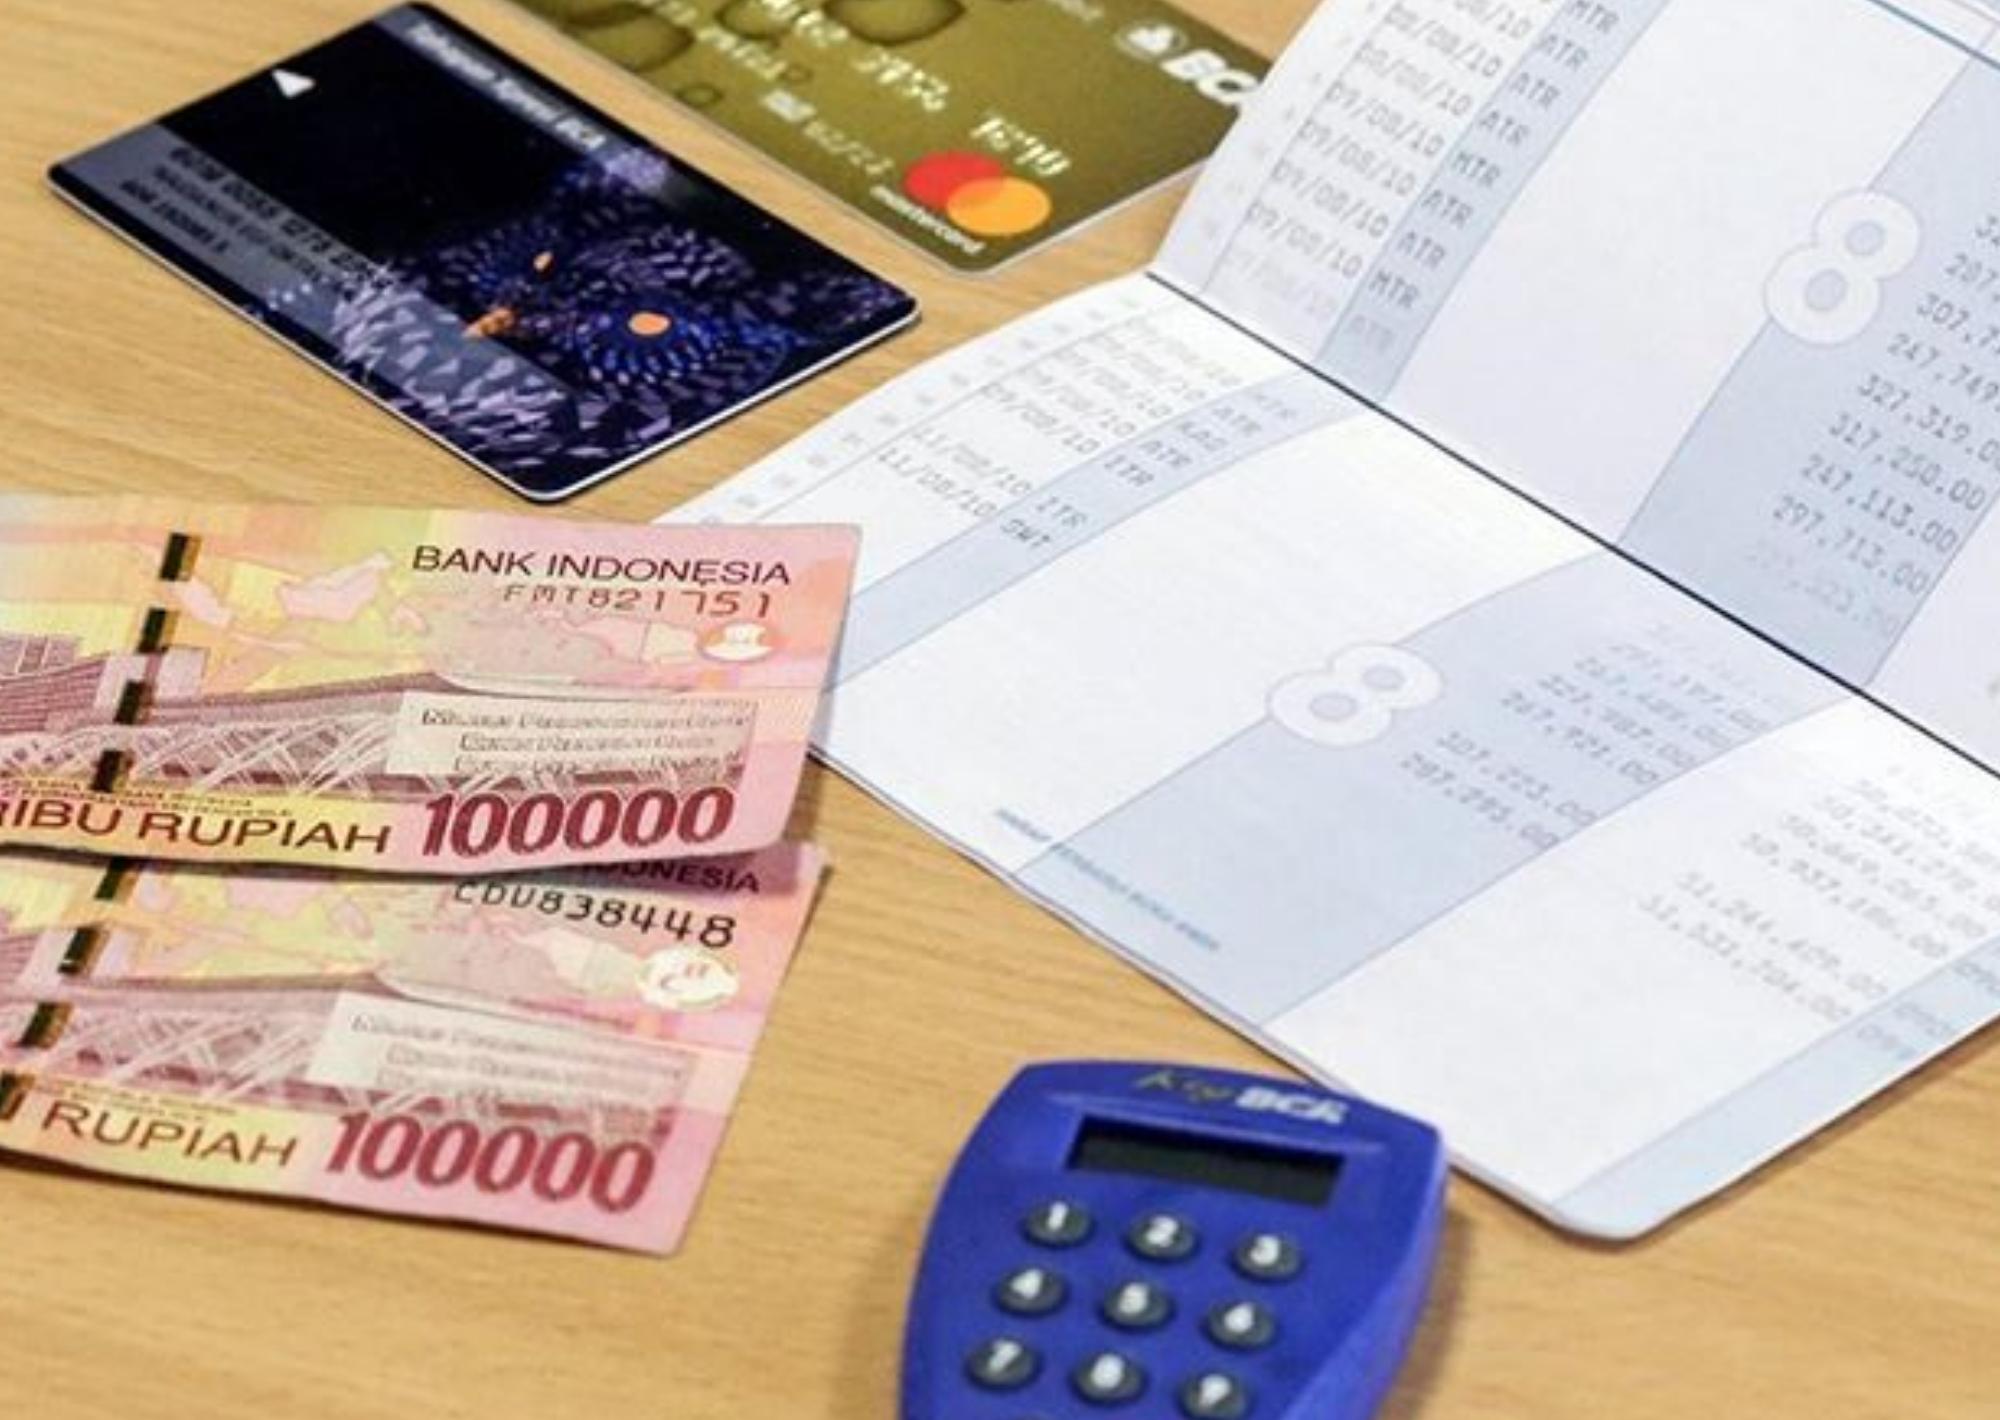 Pengin Untung? Kamu Perlu Ketahui Hal Ini Sebelum Ambil Cicilan Kartu Kredit BCA